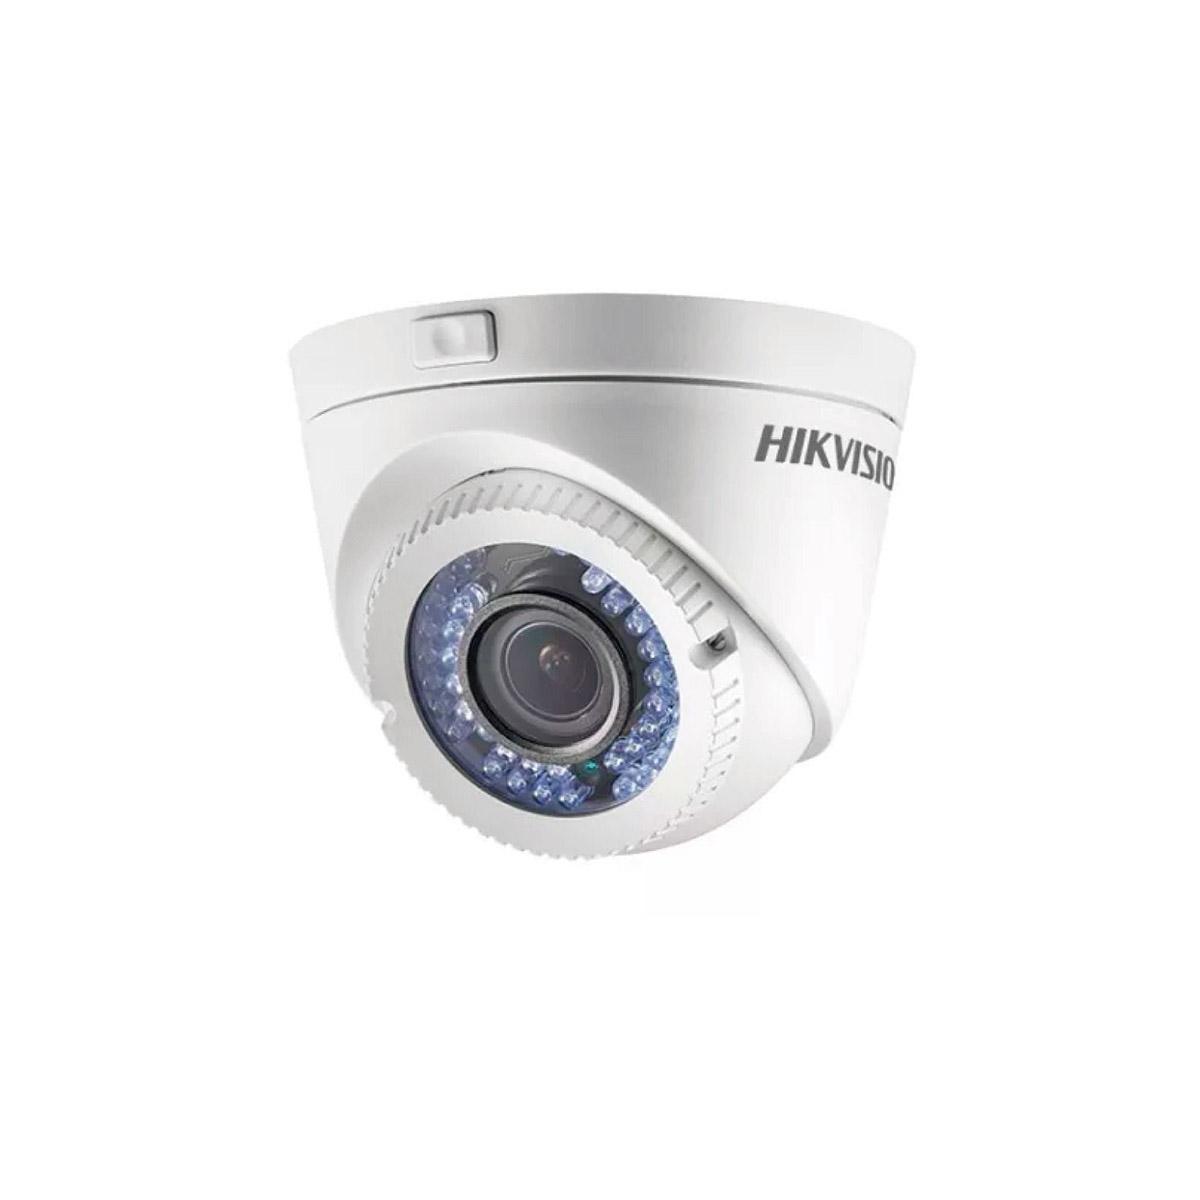 Cámara Hikvision DS-2CE56C0T-VFIR3F 1MP Tipo Domo